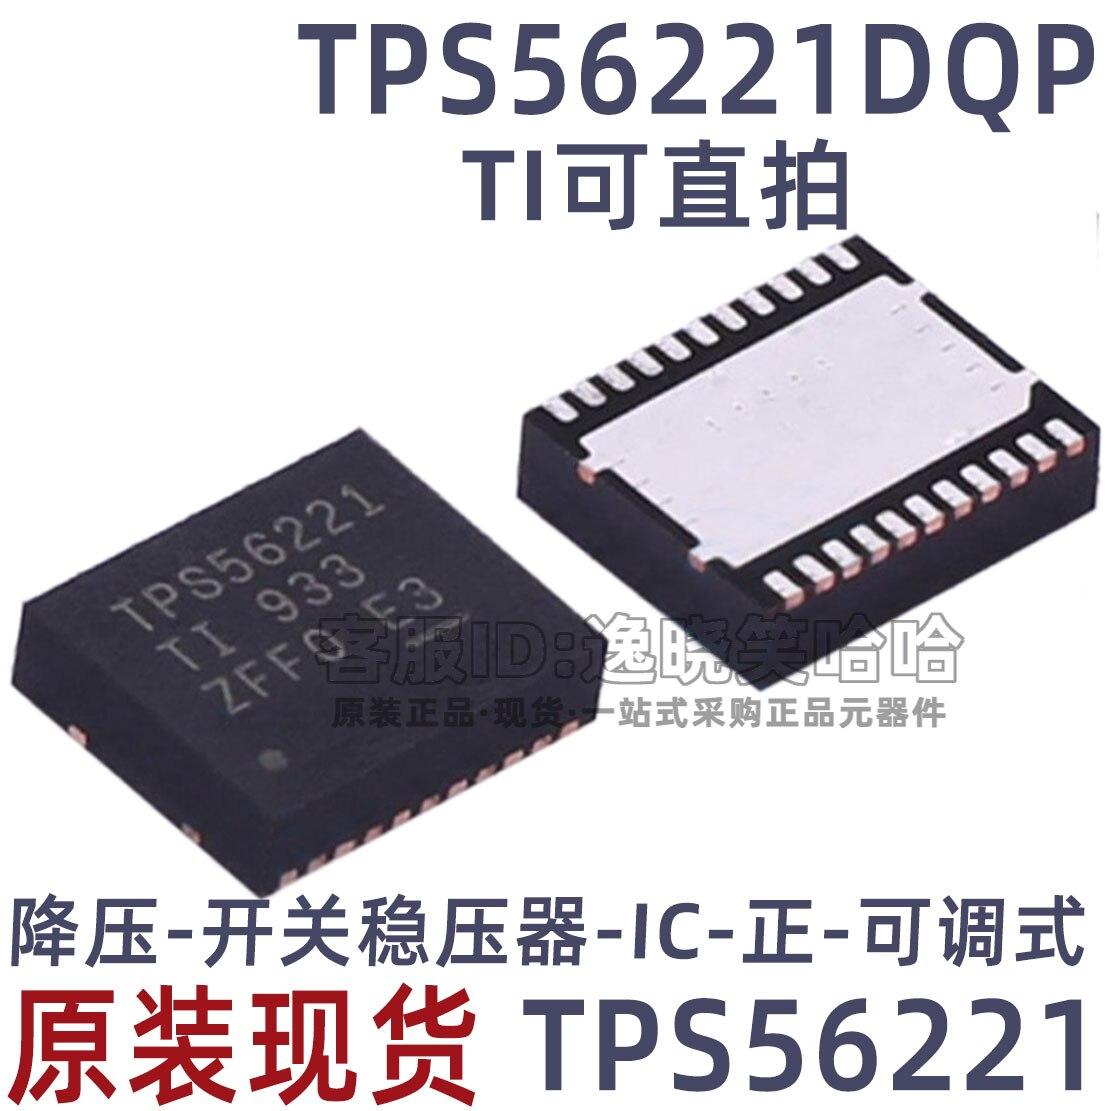 شحن مجاني TI 56221 TPS56221 TPS56221DQPR TPS56221DQPT 10 قطعة